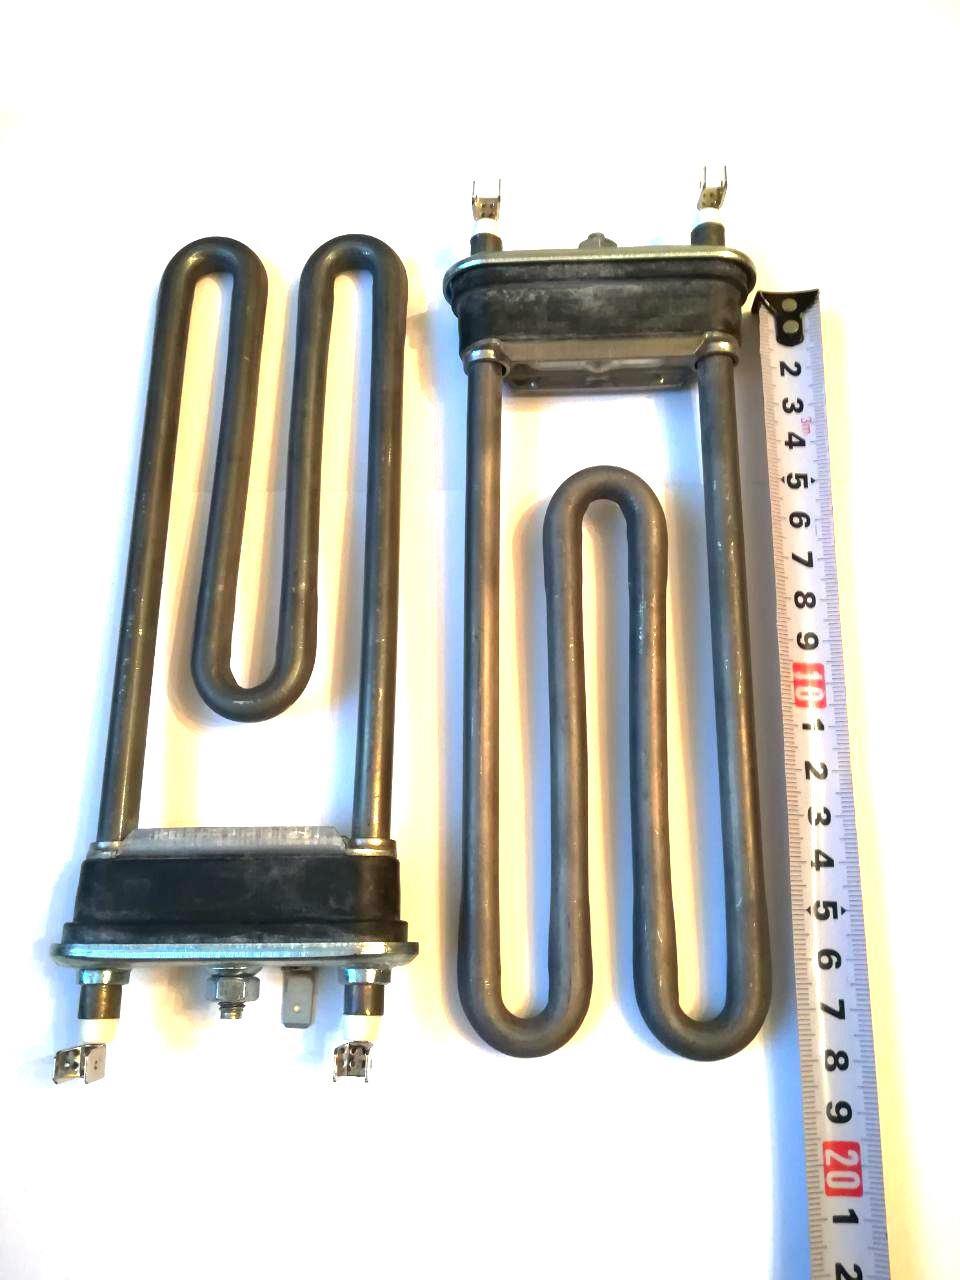 Тэн на стиральную машину 1950W / L=185мм (без отверстия под датчик)  / Thermowatt (Италия)